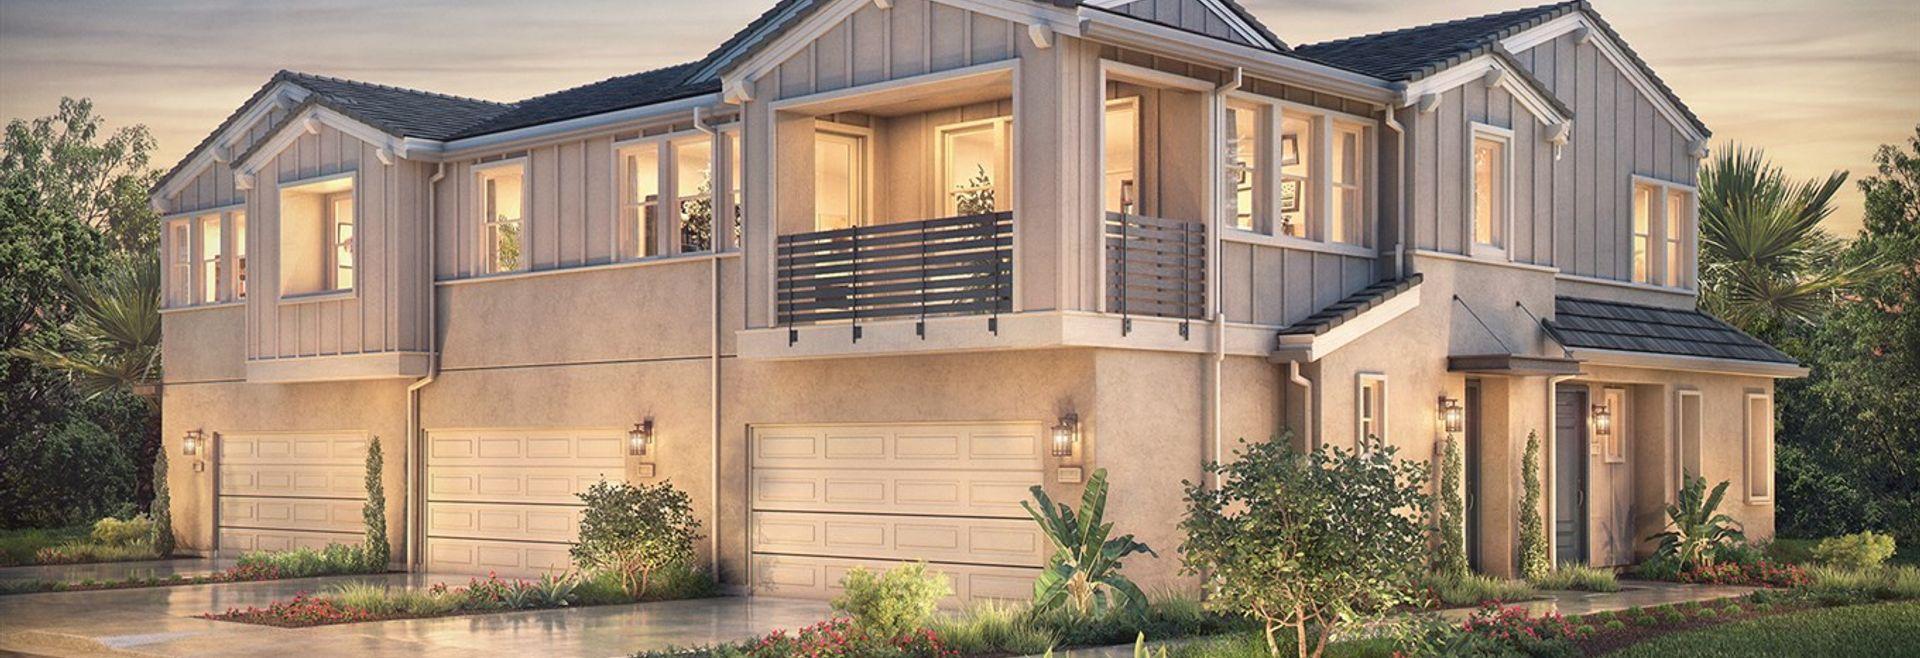 Shea Homes Condo/Townhome